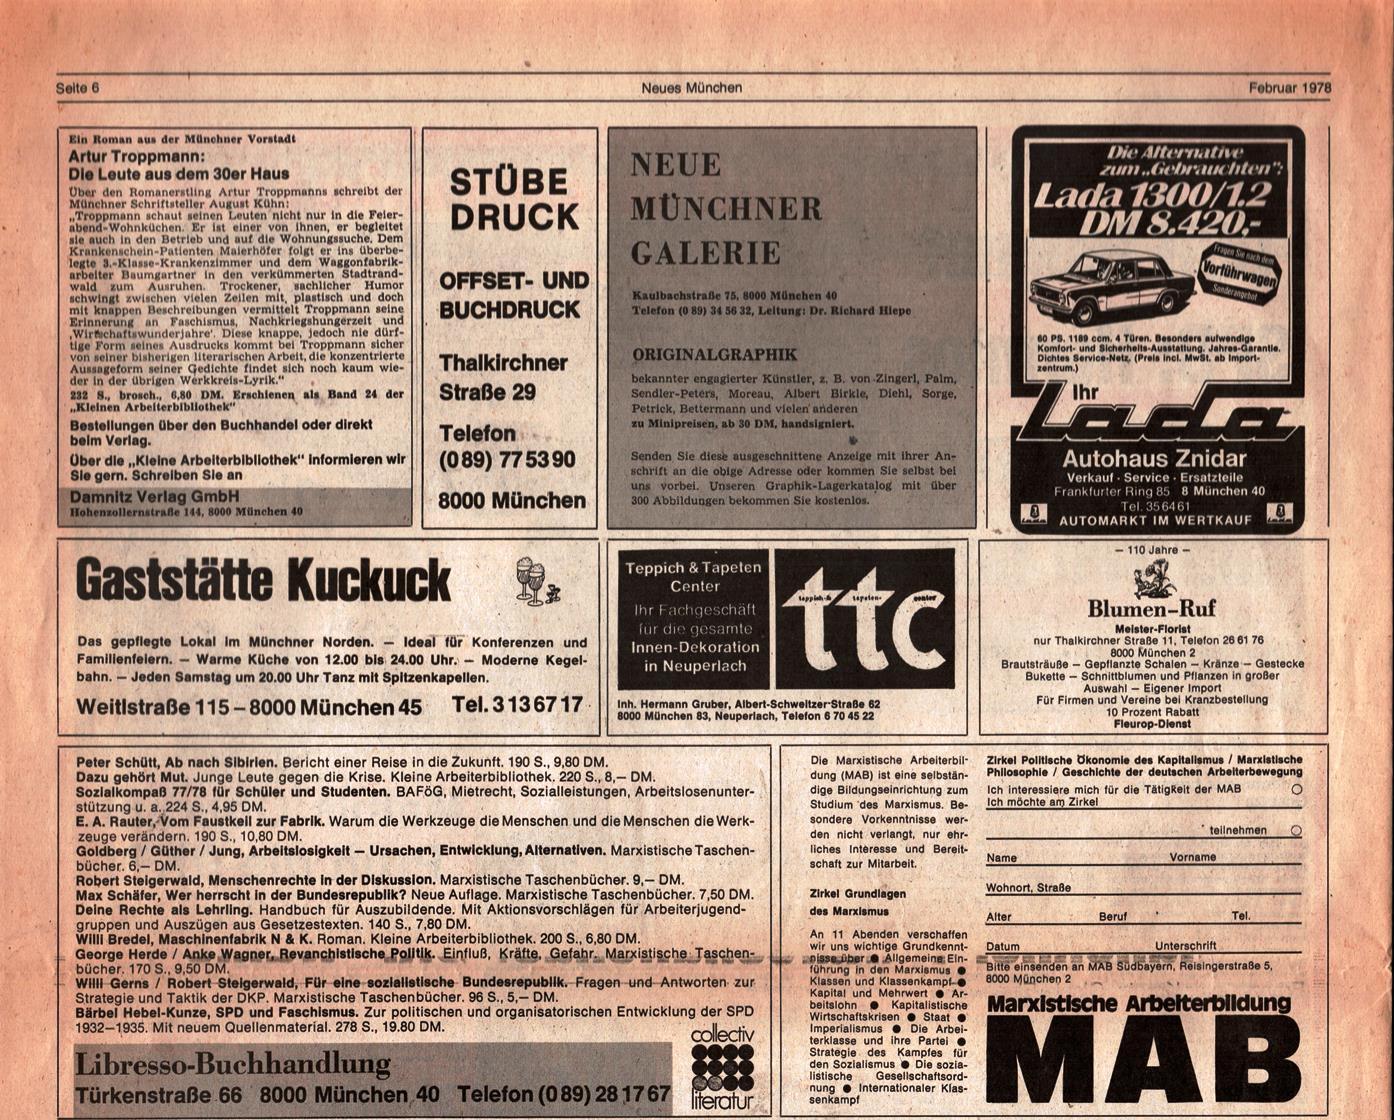 Muenchen_DKP_Neues_Muenchen_19780200_002_011